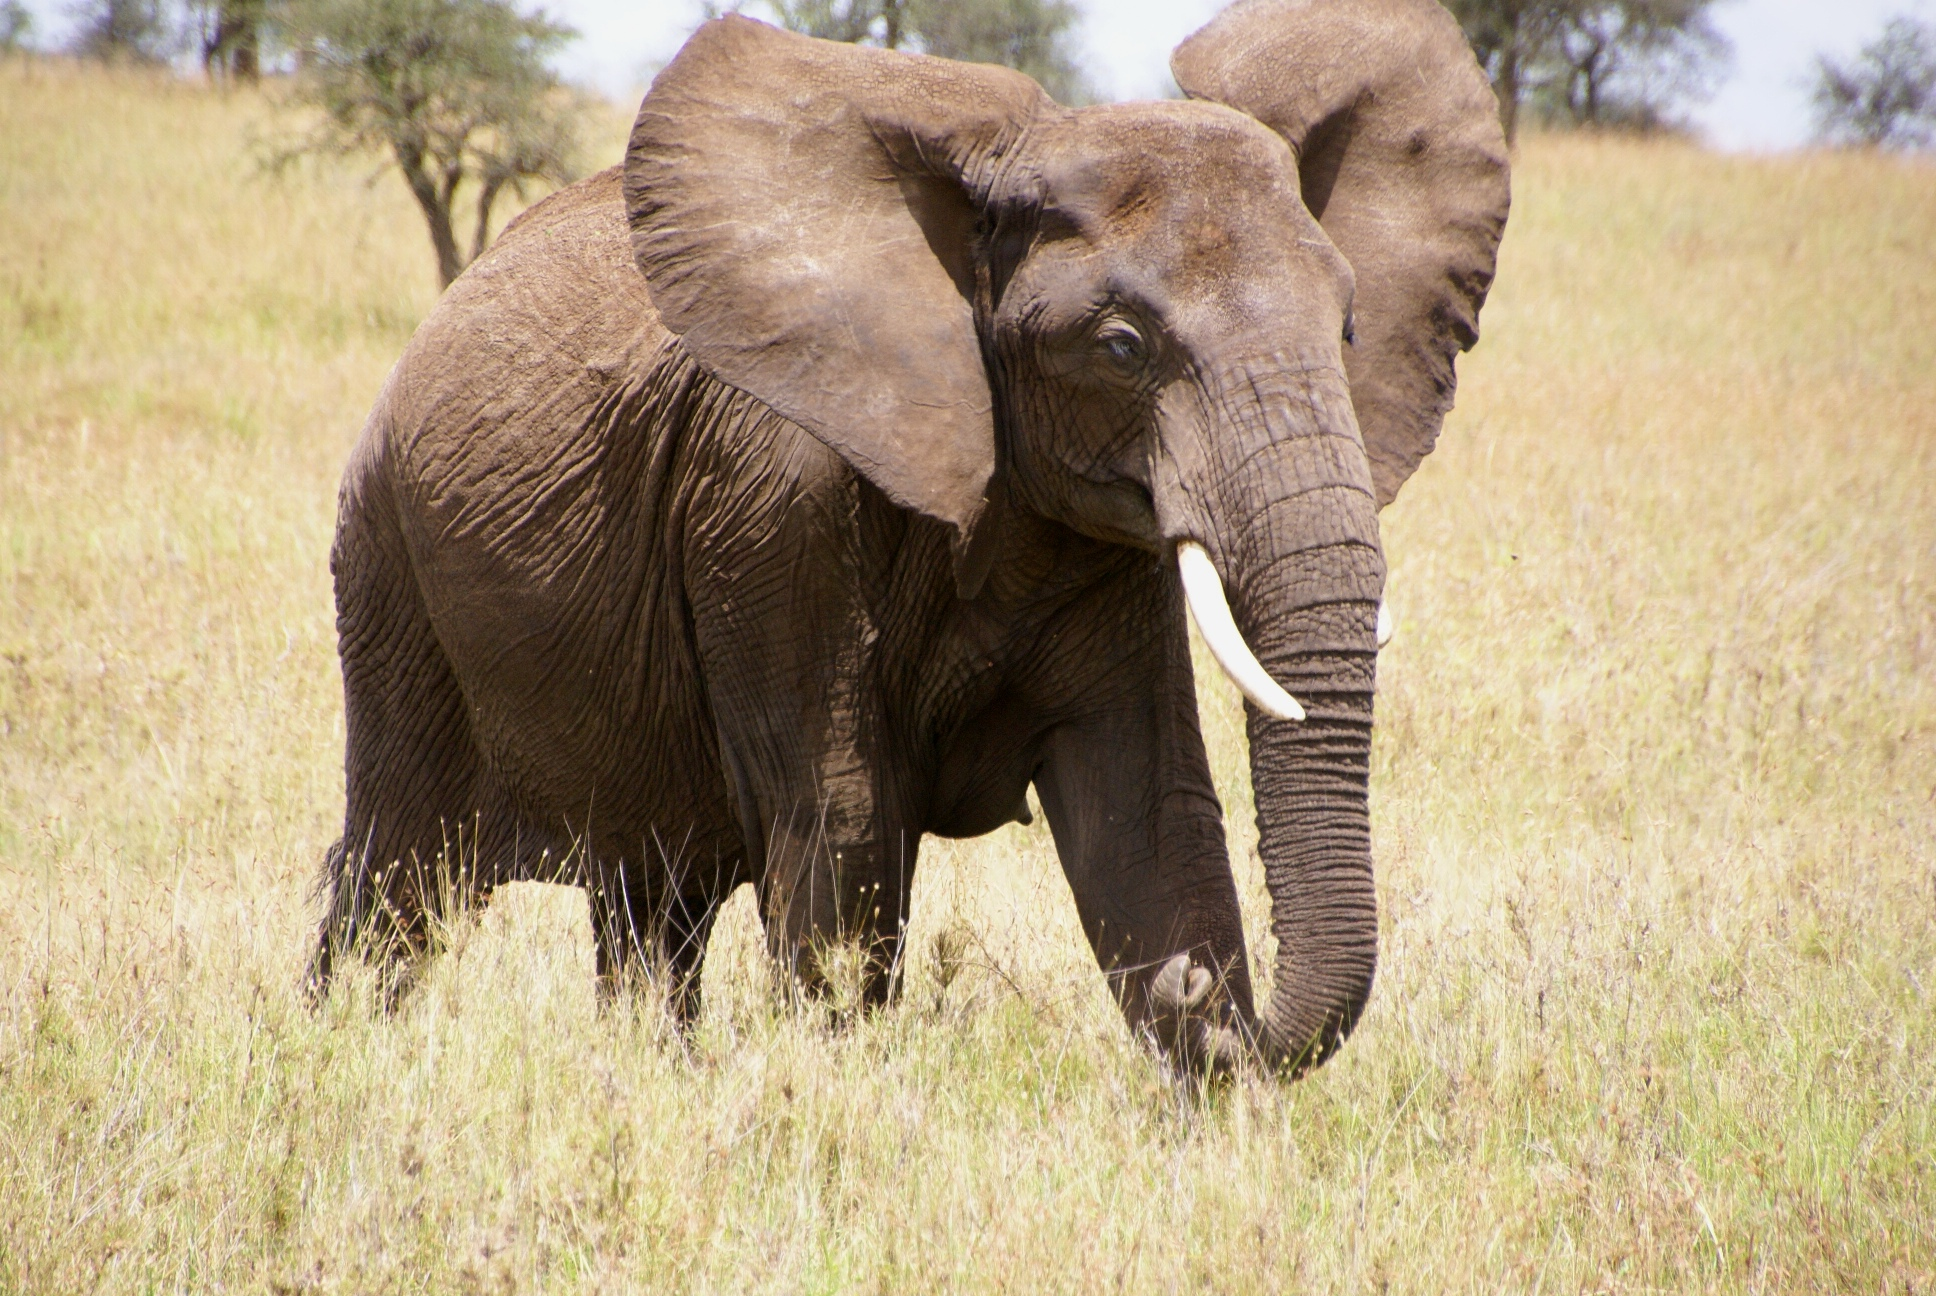 Favourite poem: Les Elephants (The Elephants) by Leconte ...